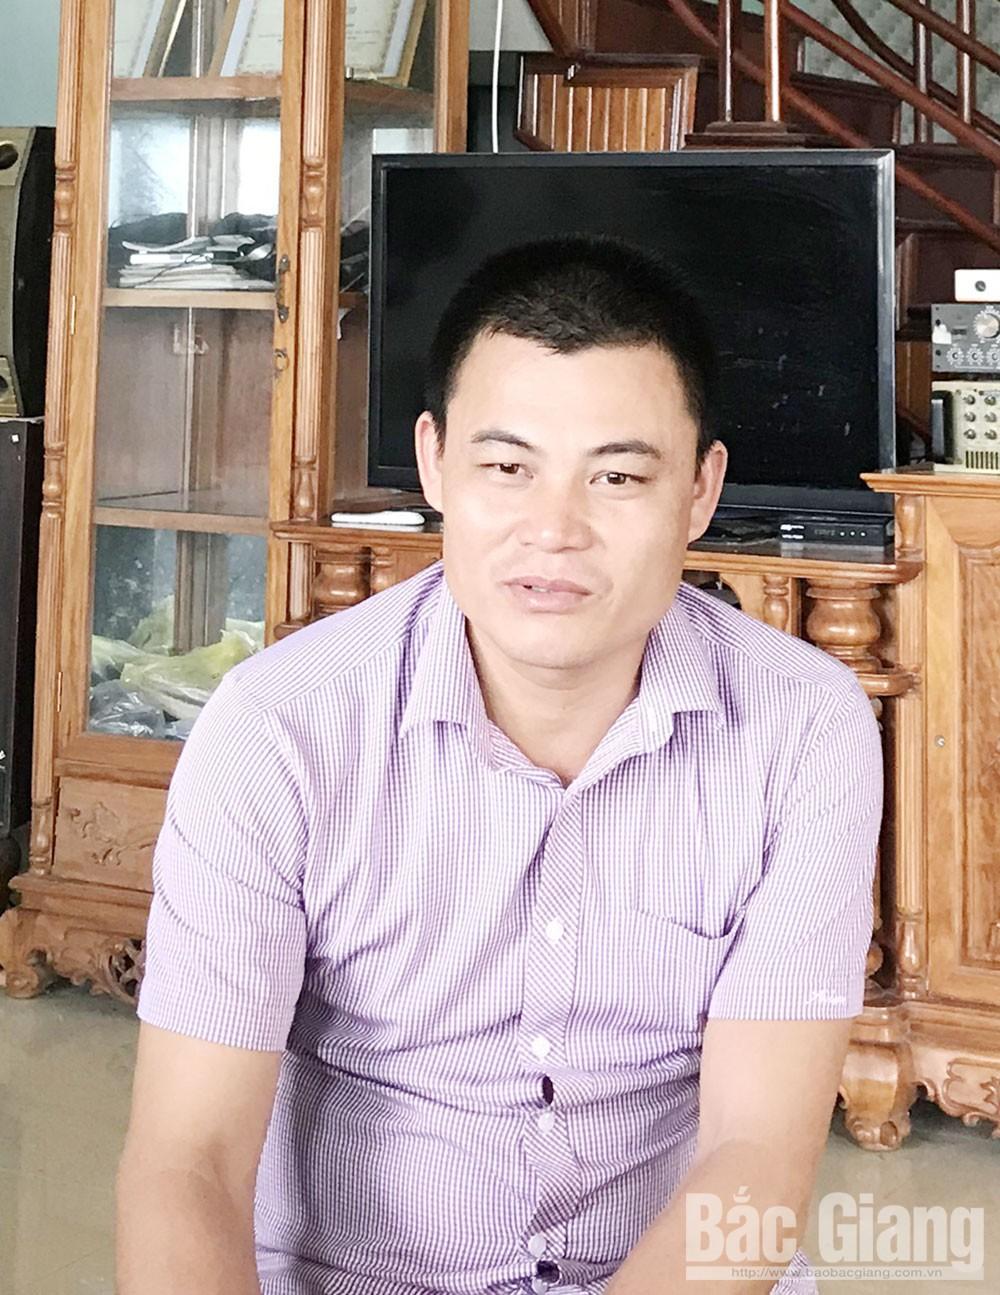 Bắc Giang, Hiệp Hòa, Hoàng Lương, Nguyễn Thế Dương, cây cầu, kênh đào, con đường